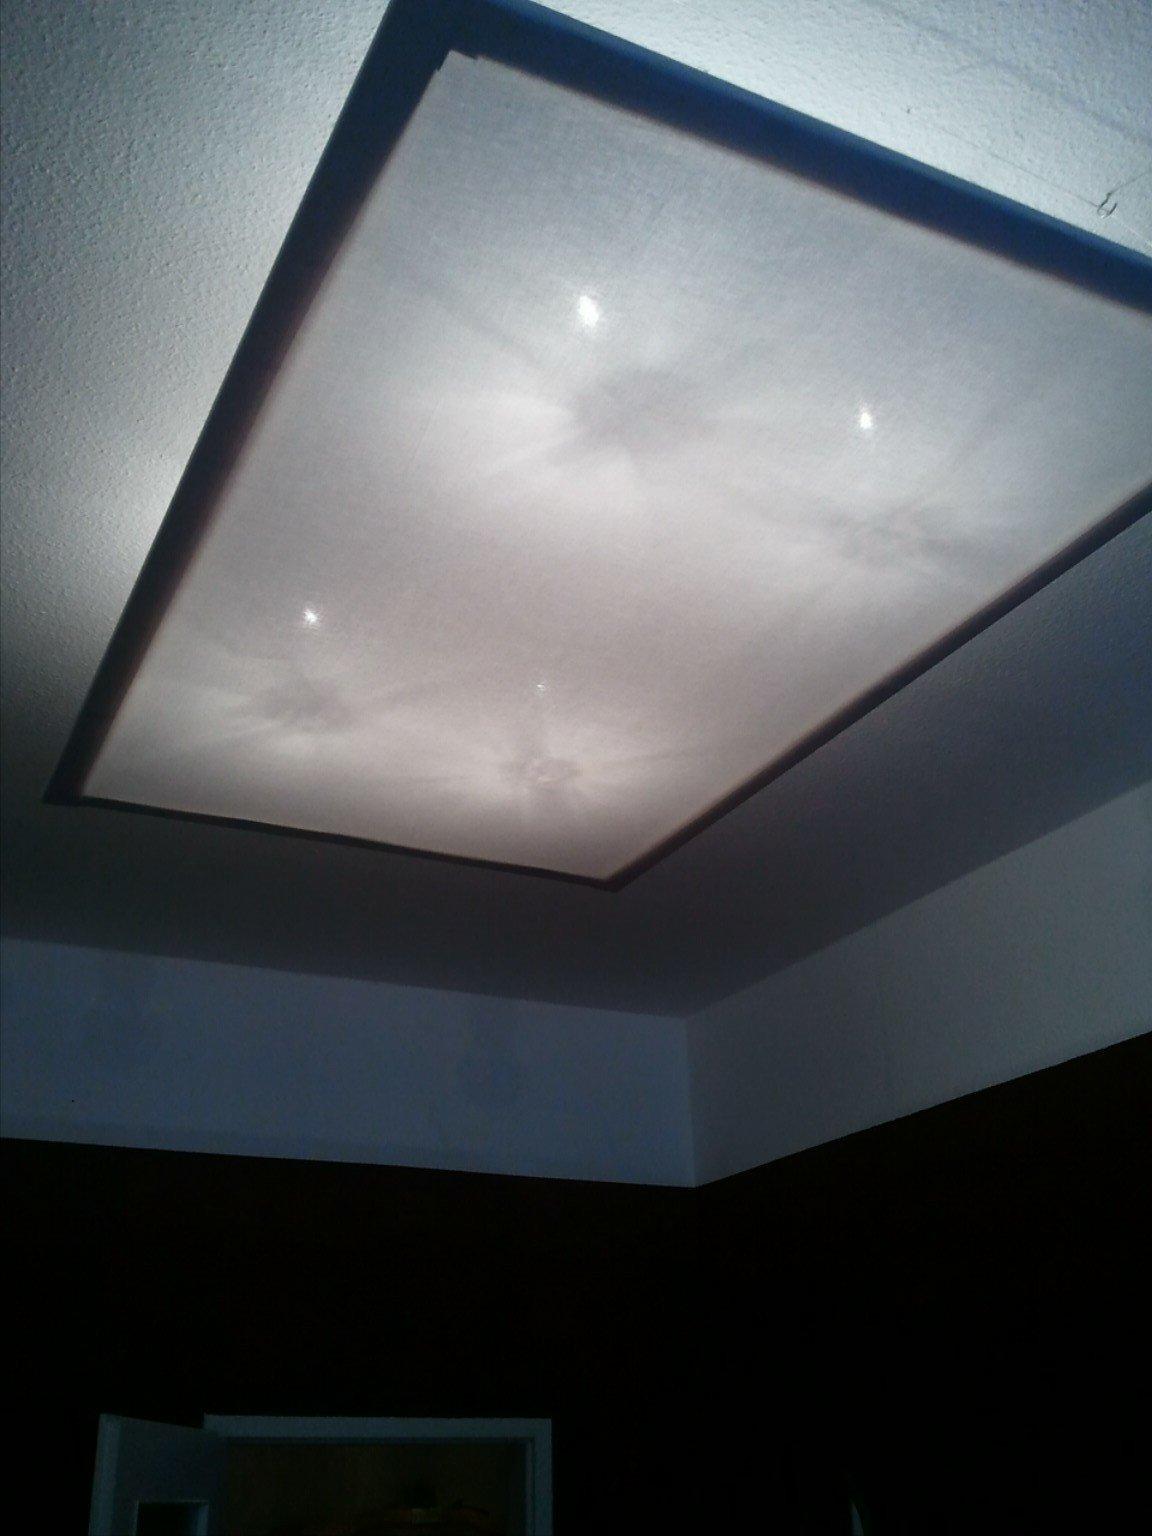 deckenlampe schlafzimmer | bnbnews.co, Schlafzimmer ideen